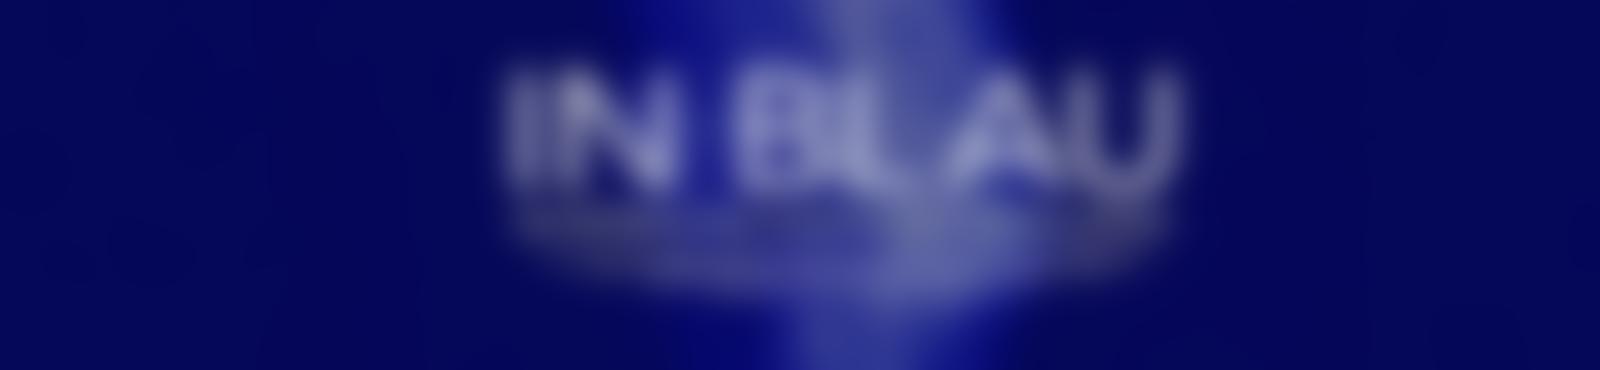 Blurred 0255d293 bb7a 4f64 b875 0861afb01ca1